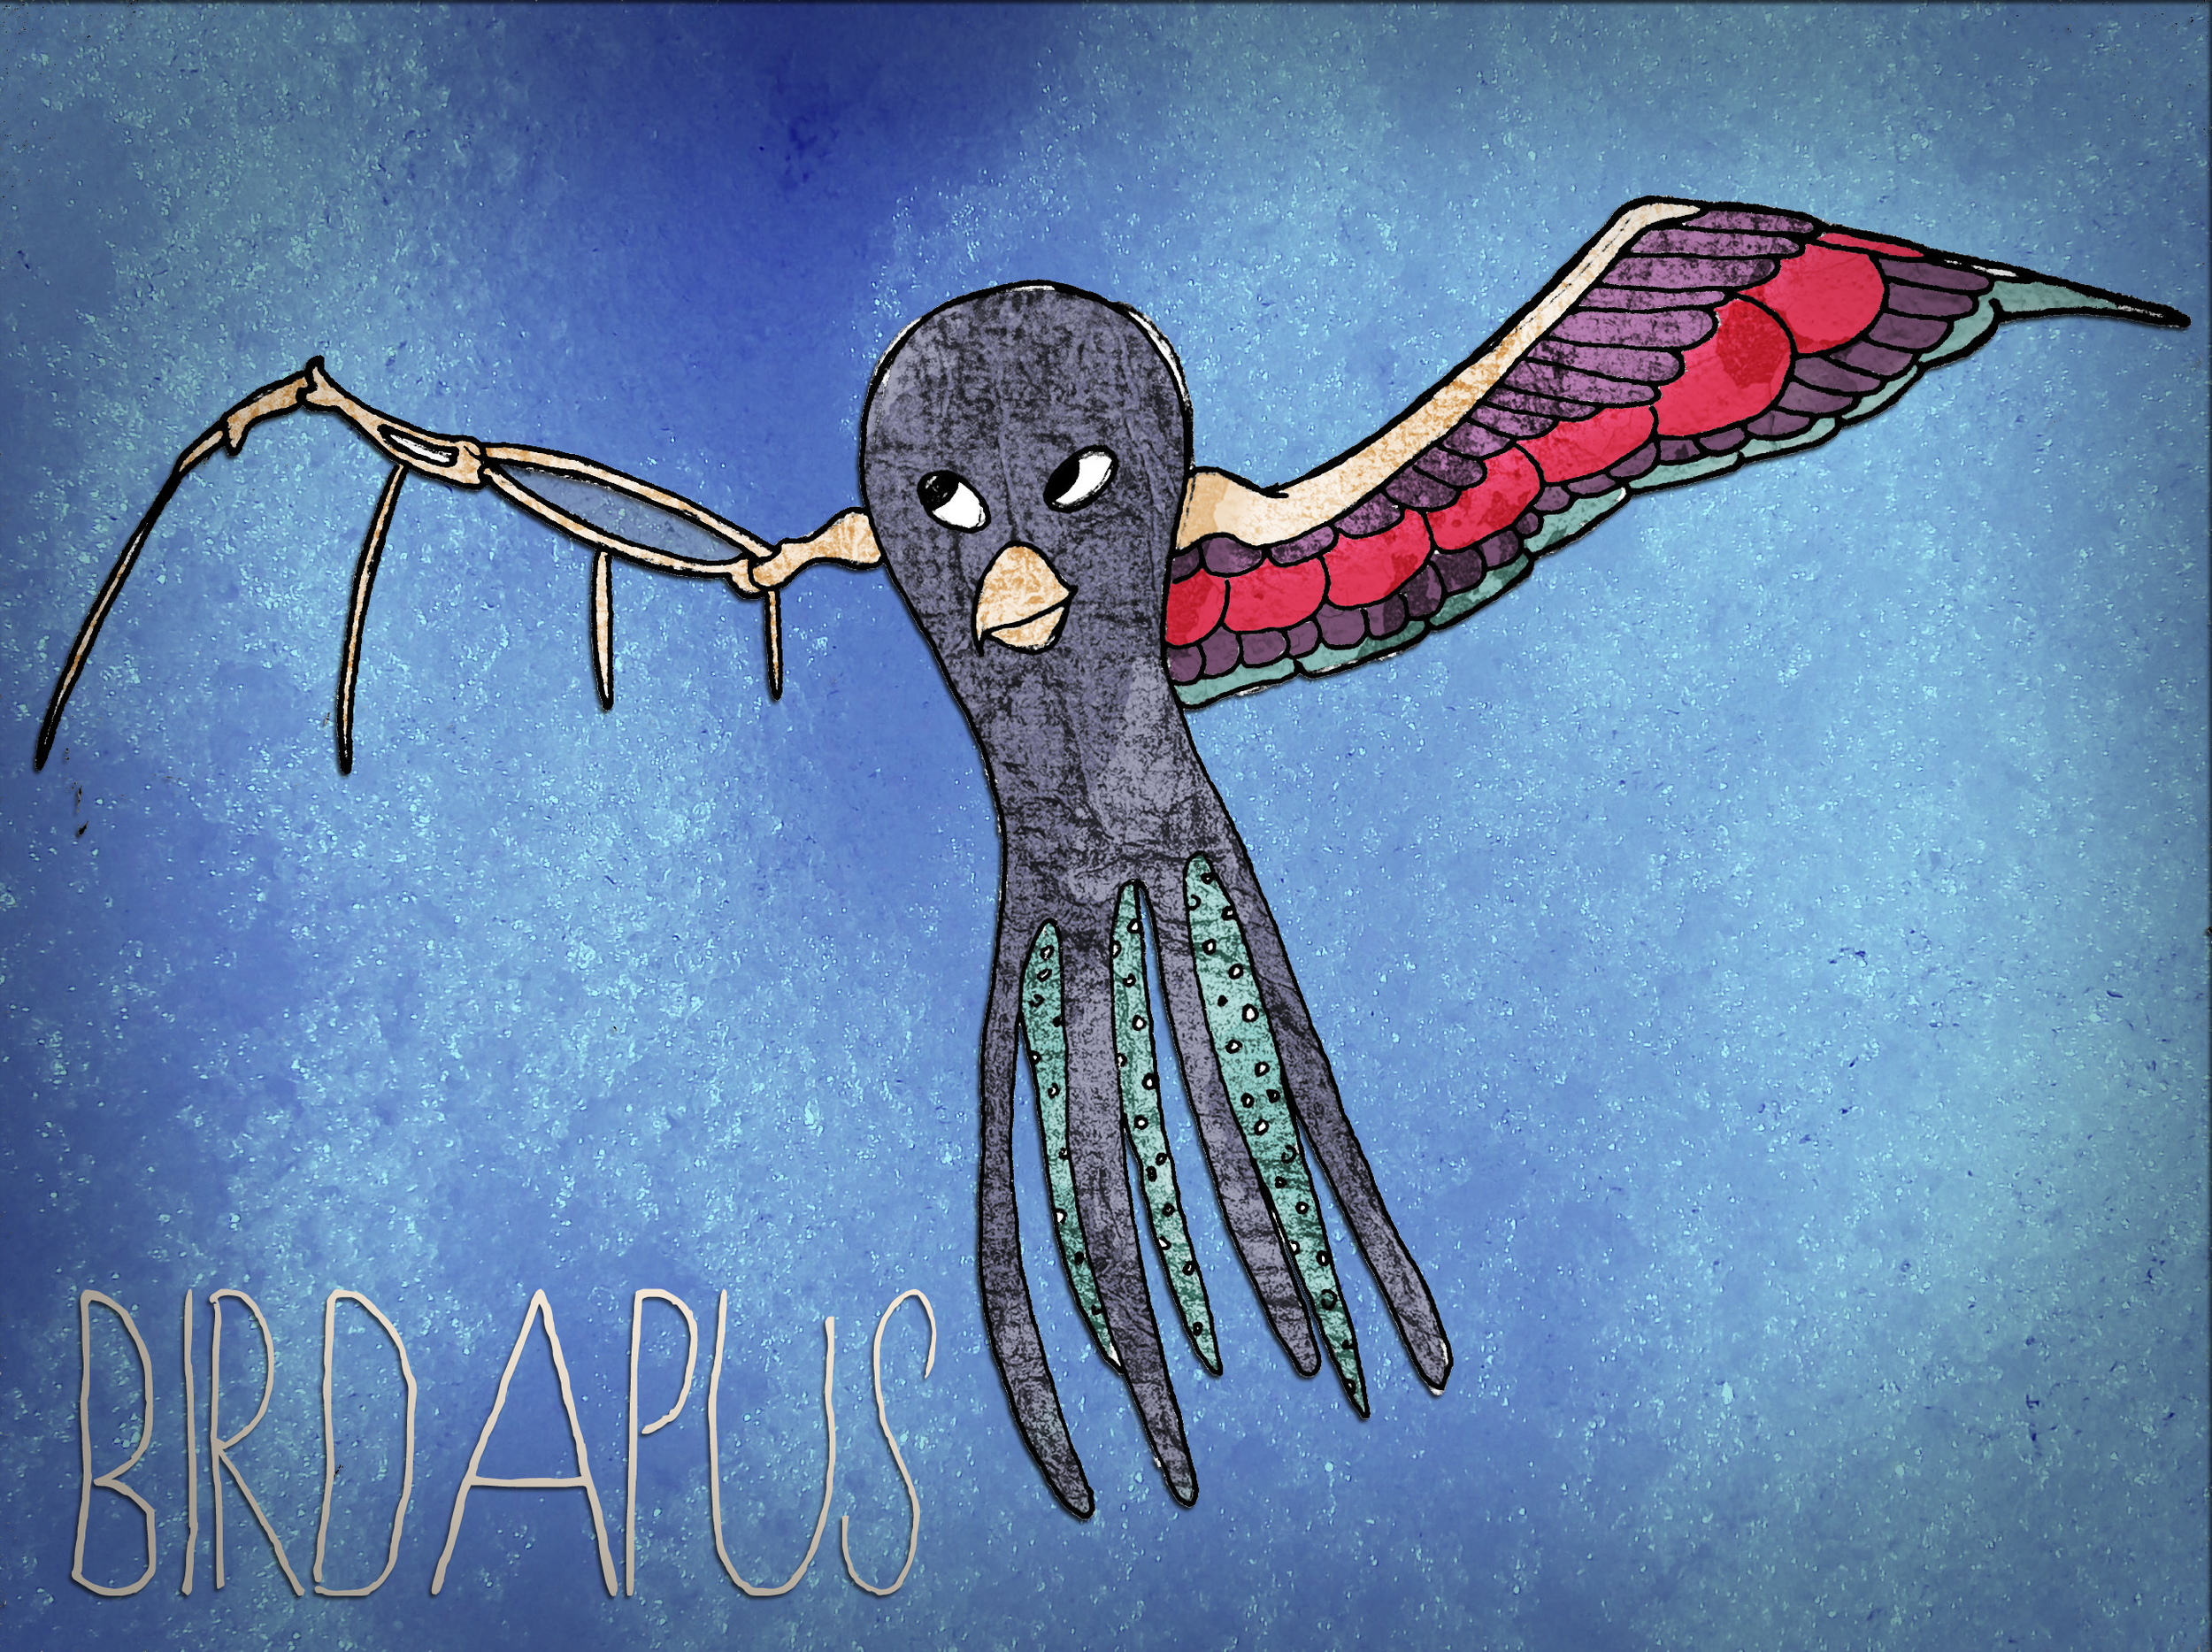 Birdapus.jpg